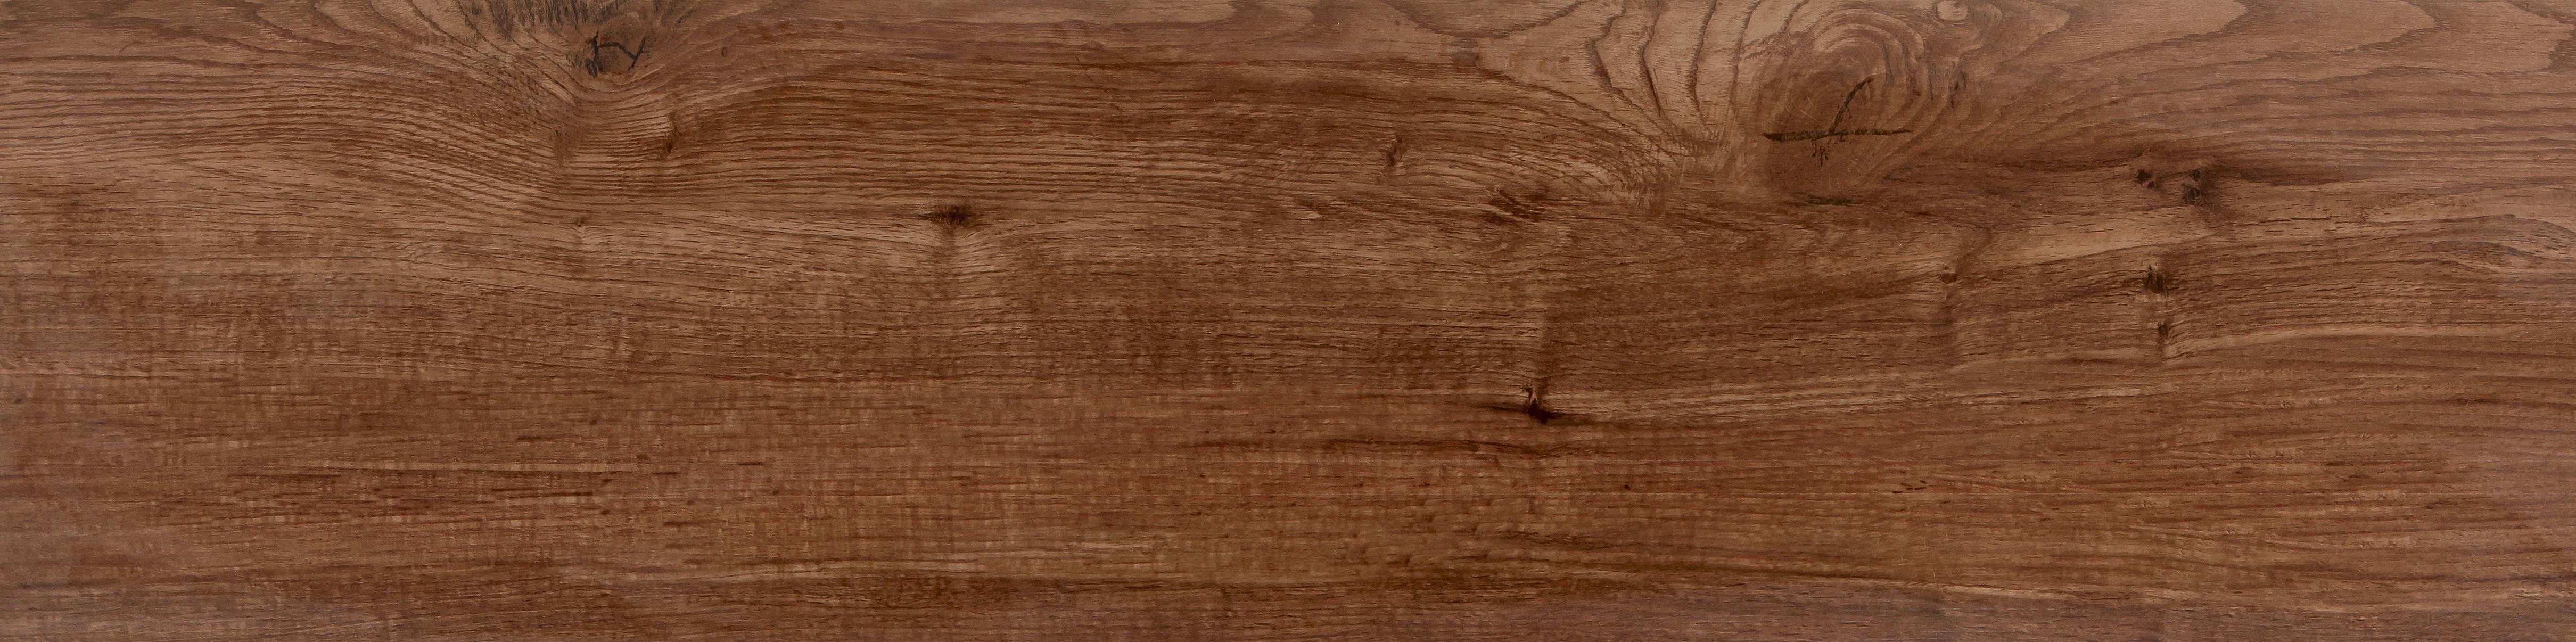 HolzoptikFliesen Jetzt Bei FliesenKemmler - Fliesen holzdielen optik